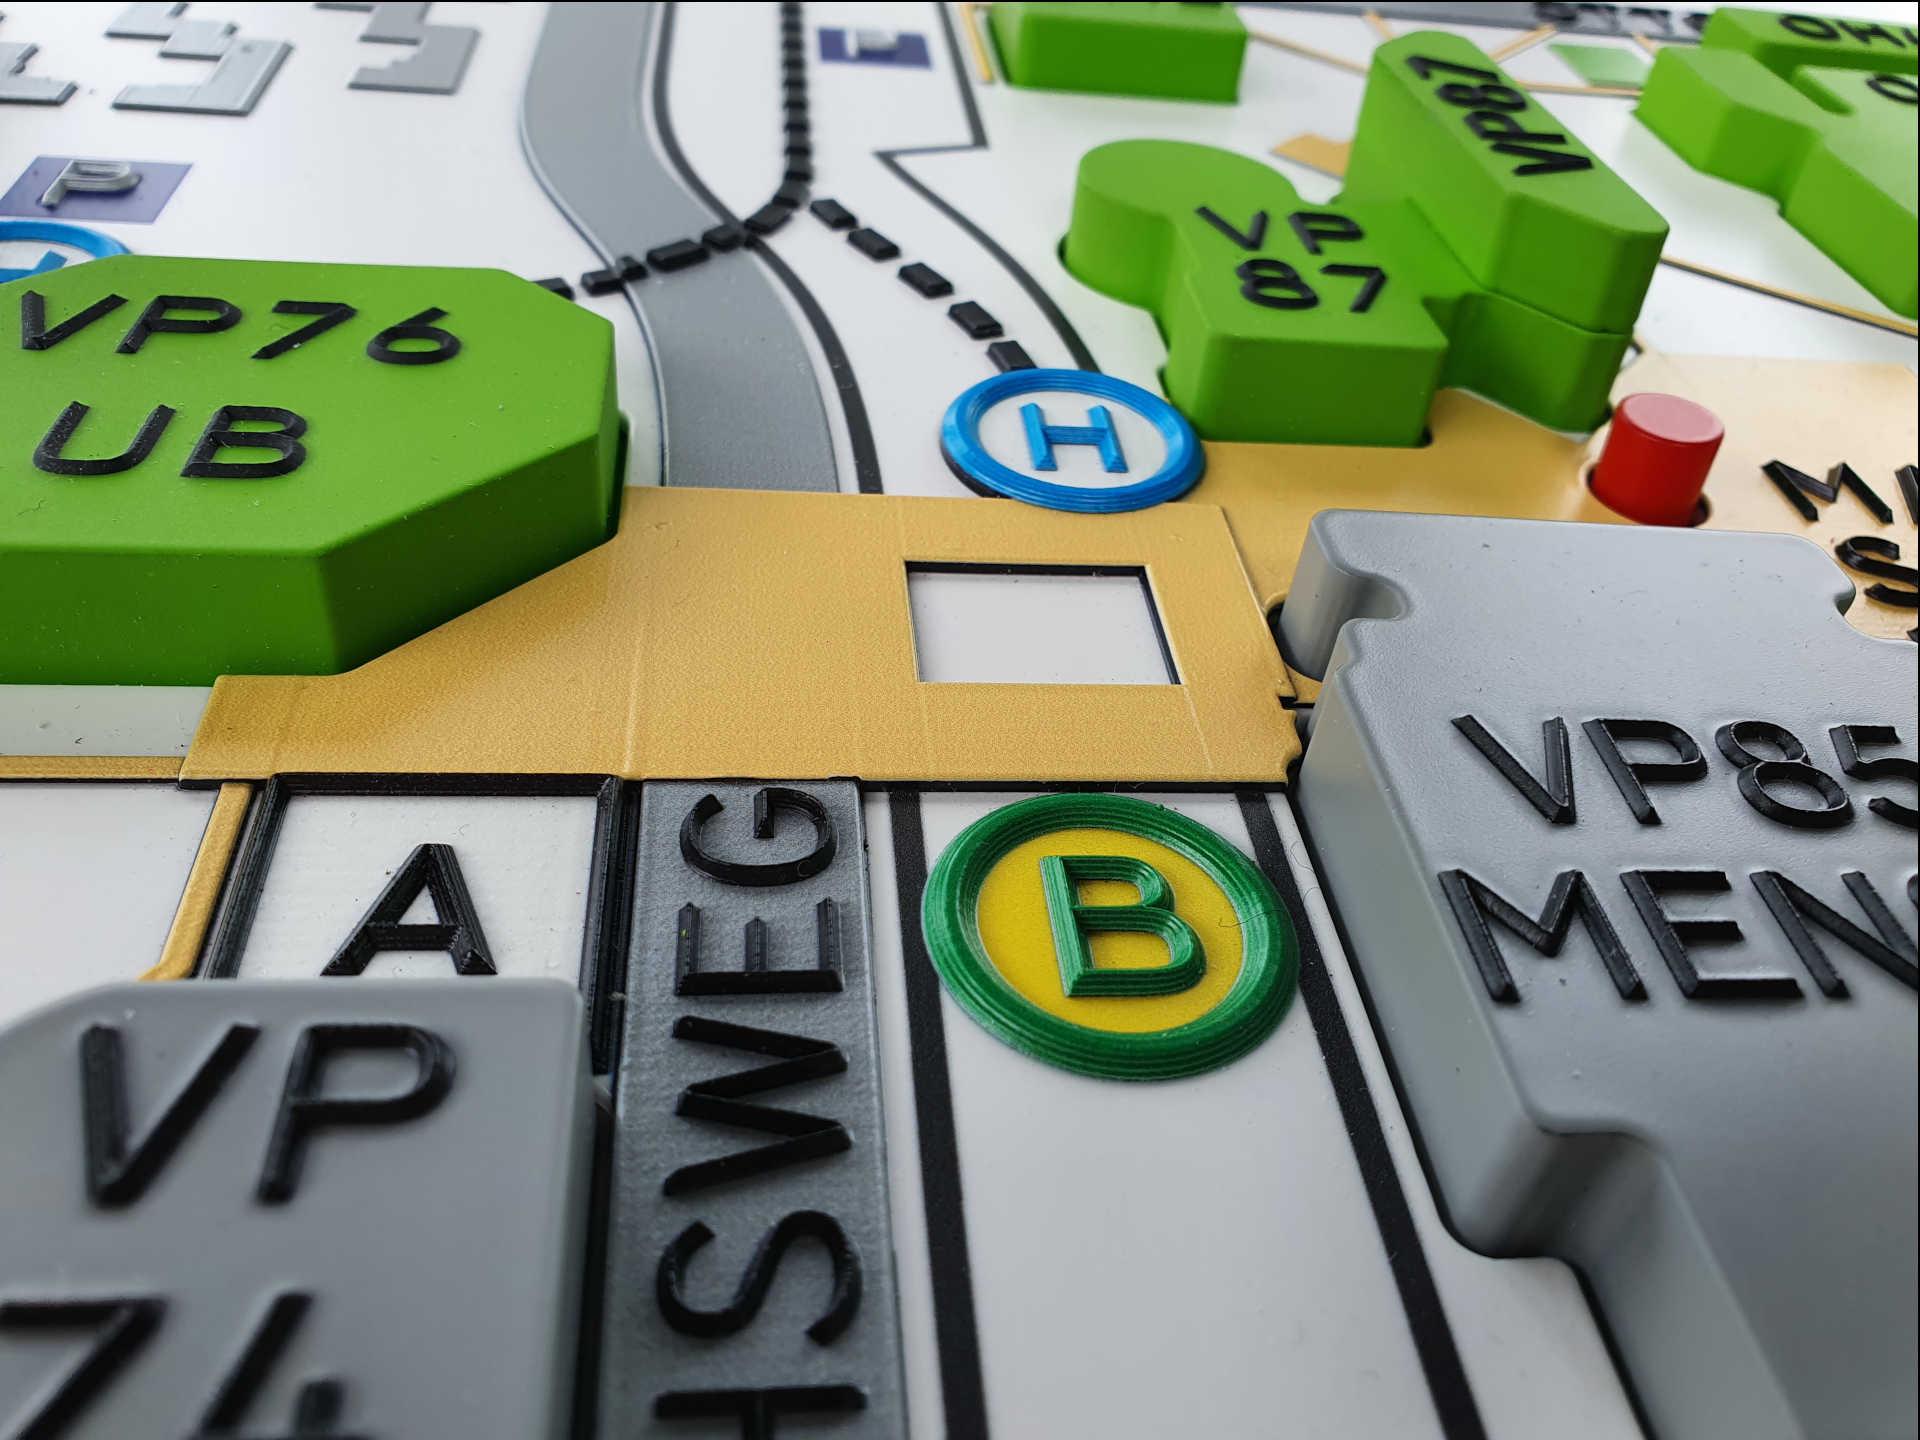 Beispielfoto 03 für barrierefreie Leitsysteme, taktile Informationssyteme, Wegeleitsysteme für Blinde. Foto: InForm, taktilPlan: Taktile Informationssysteme & Wegeleitsysteme.